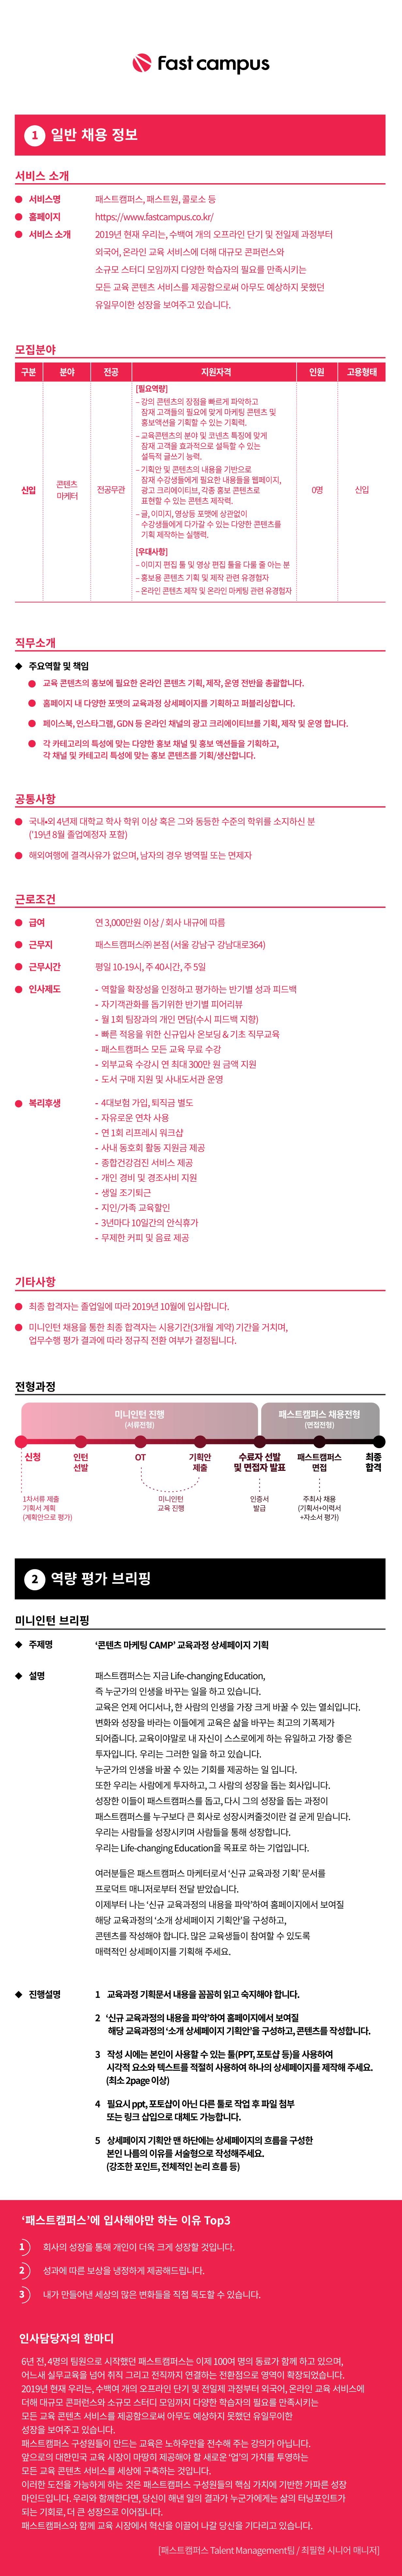 [패스트캠퍼스] 2주만에 경험하는 콘텐츠 마케팅 실무!!(~9/17)